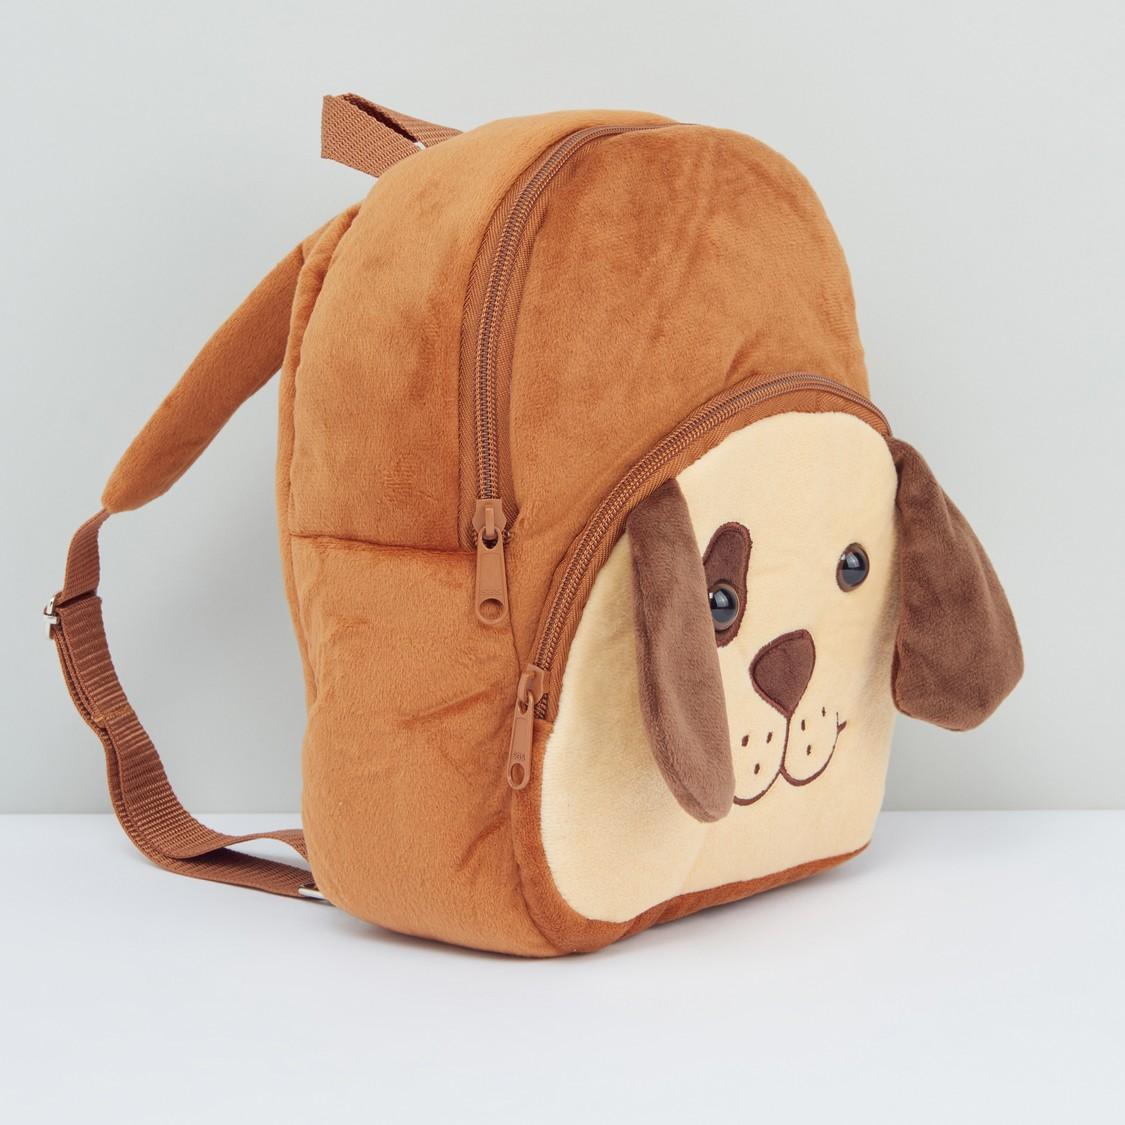 Dog Applique Detail Plush Backpack with Adjustable Shoulder Straps